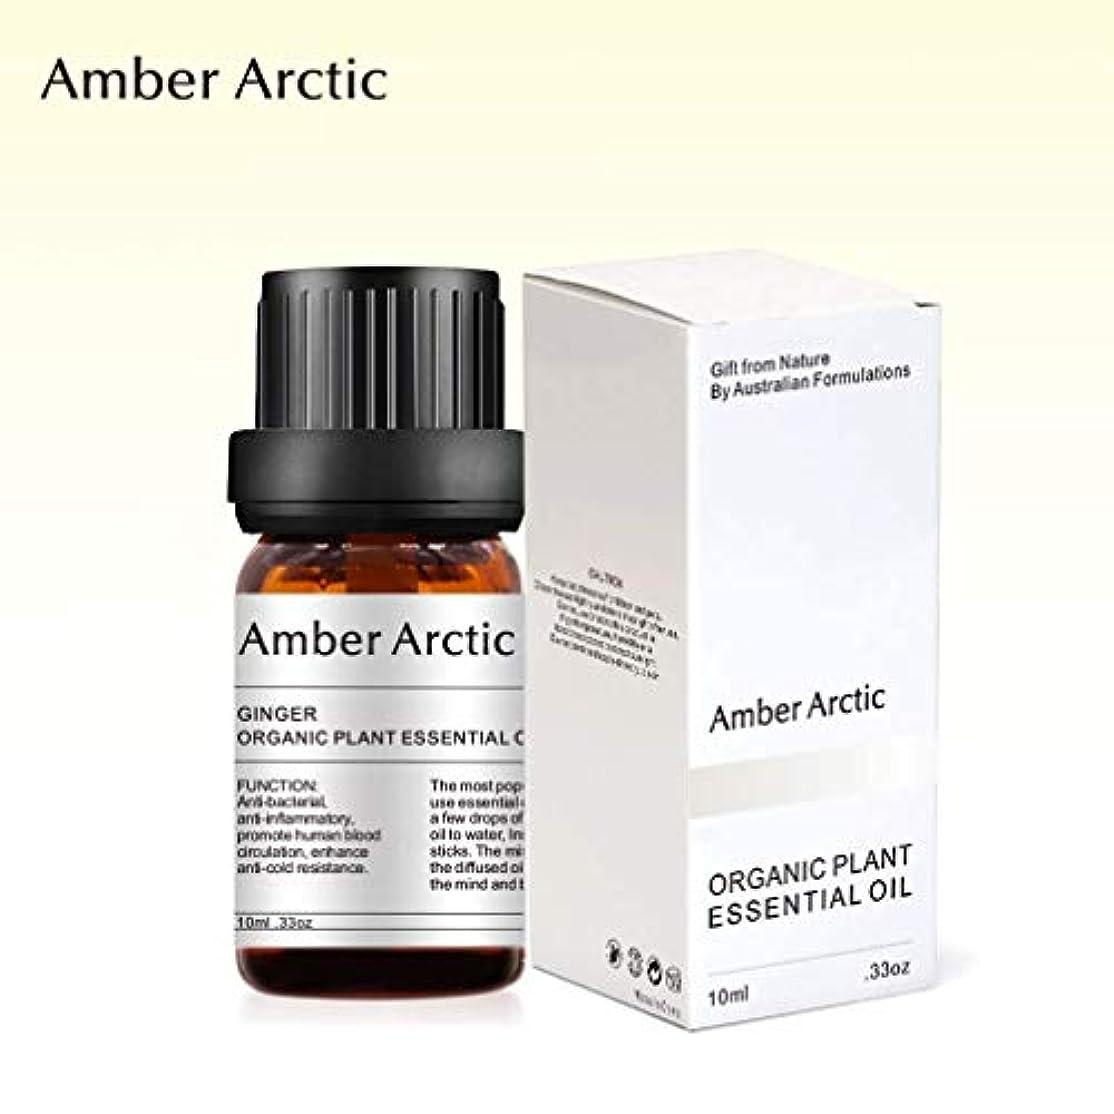 リップ期間憧れAmber Arctic ショウガ 精油、 ディフューザ 100% 純粋 天然 アロマ エッセンシャル オイル (10ml) 中